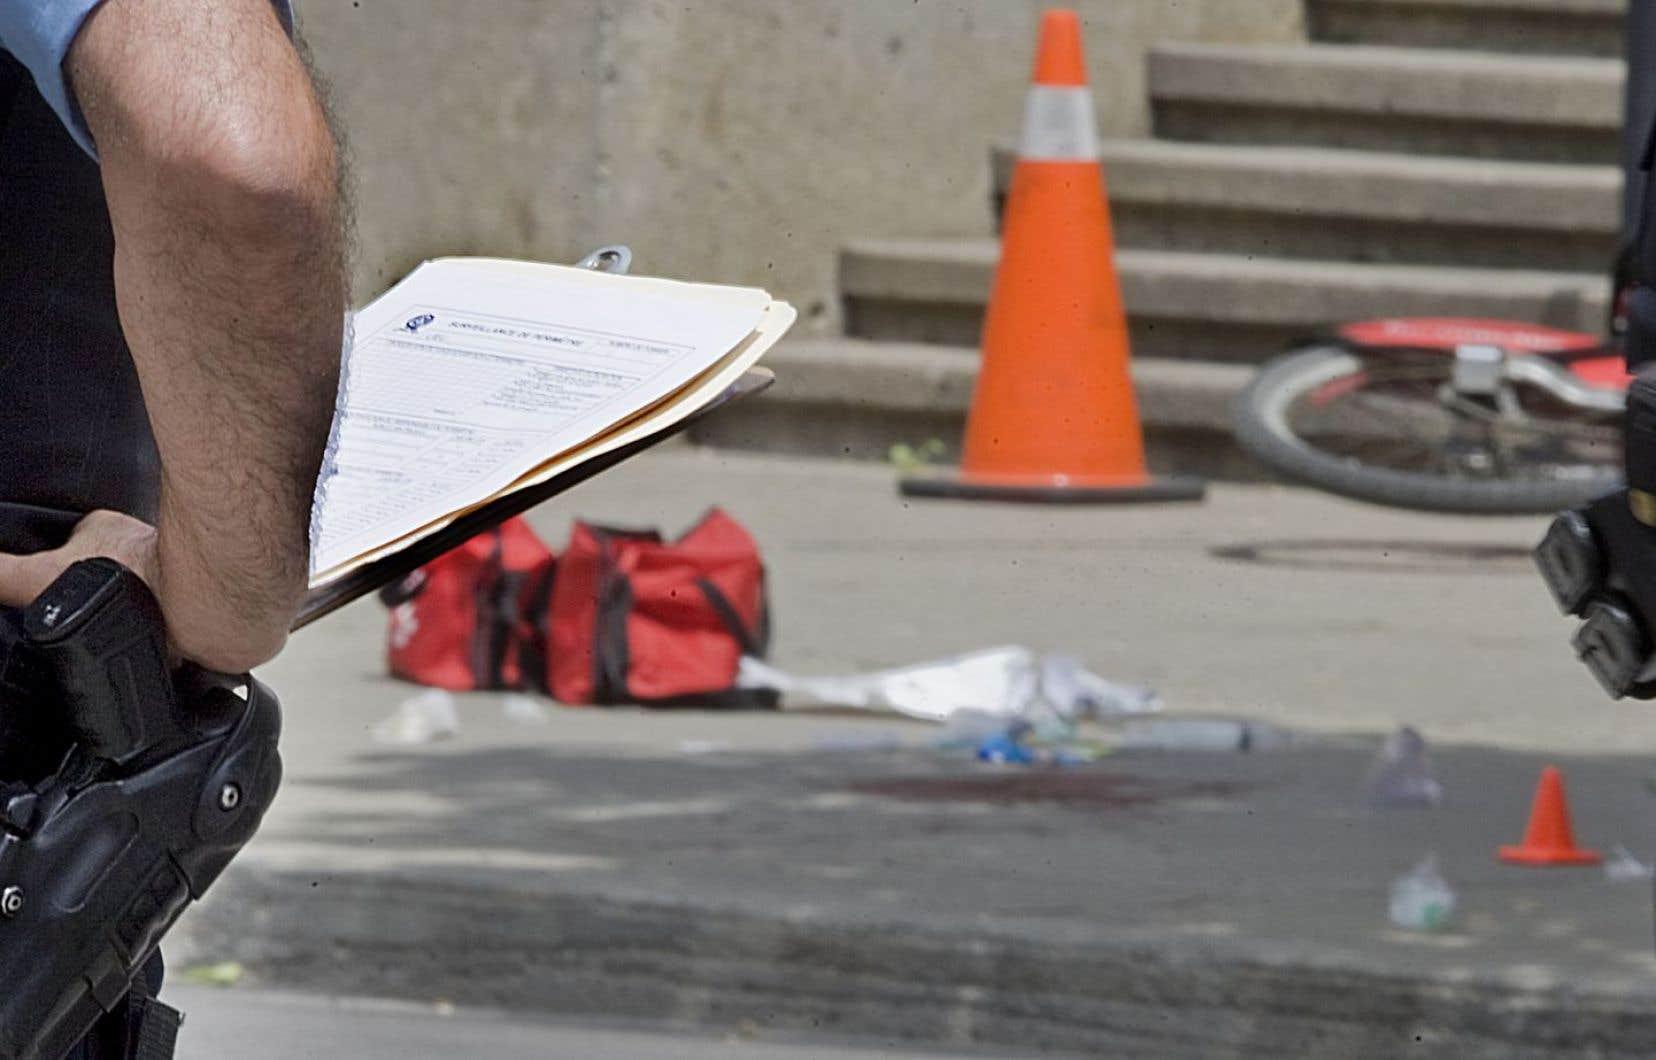 Le rapport du coroner Luc Malouin sur la mort d'Alain Magloire, déposé en 2016, soulignait les faiblesses de la formation policière sur les interventions auprès des personnes en détresse psychologique.